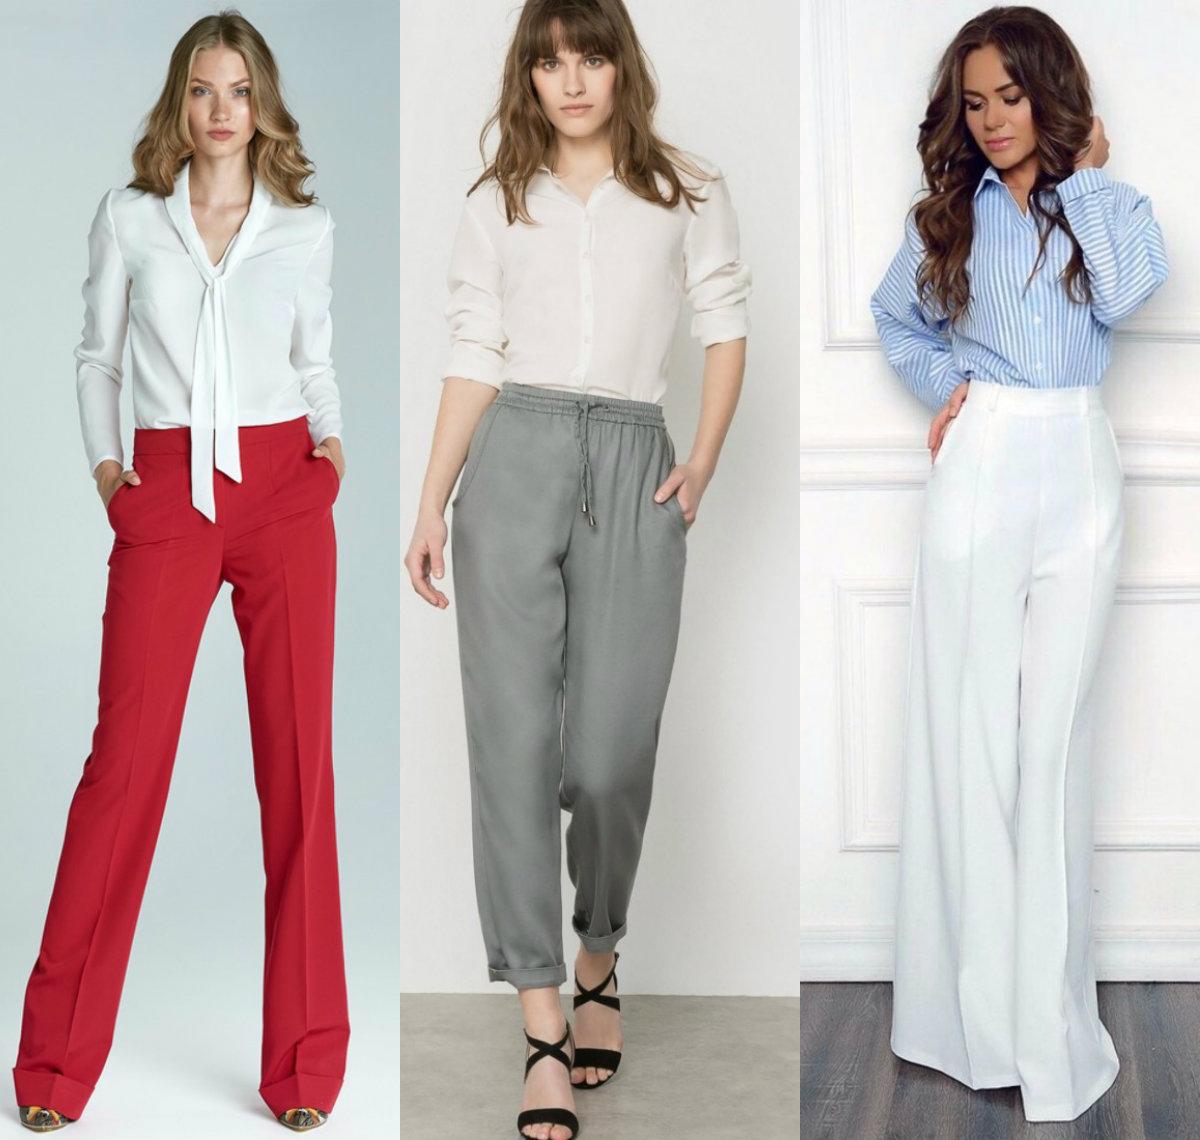 брюки женские 2019: модели для офиса